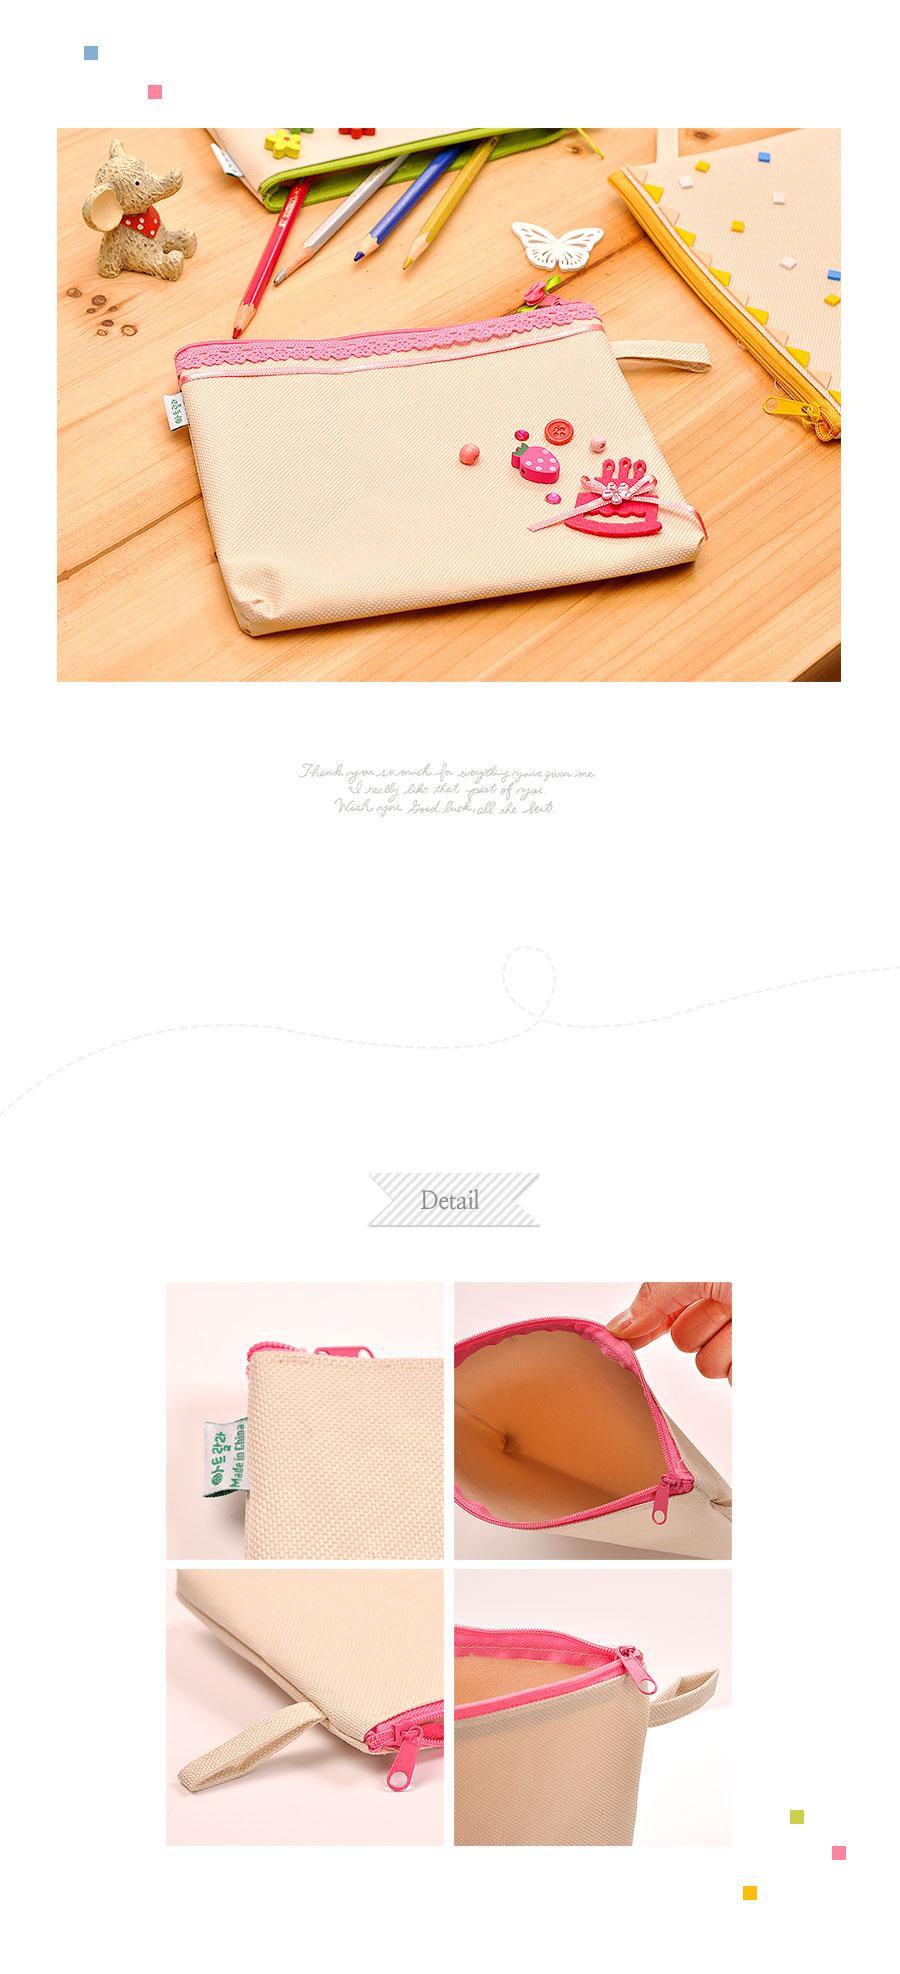 무지원단가방(그리기 염색diy재료) - 아트랄라, 1,900원, 전통/염색공예, 기타소품 패키지